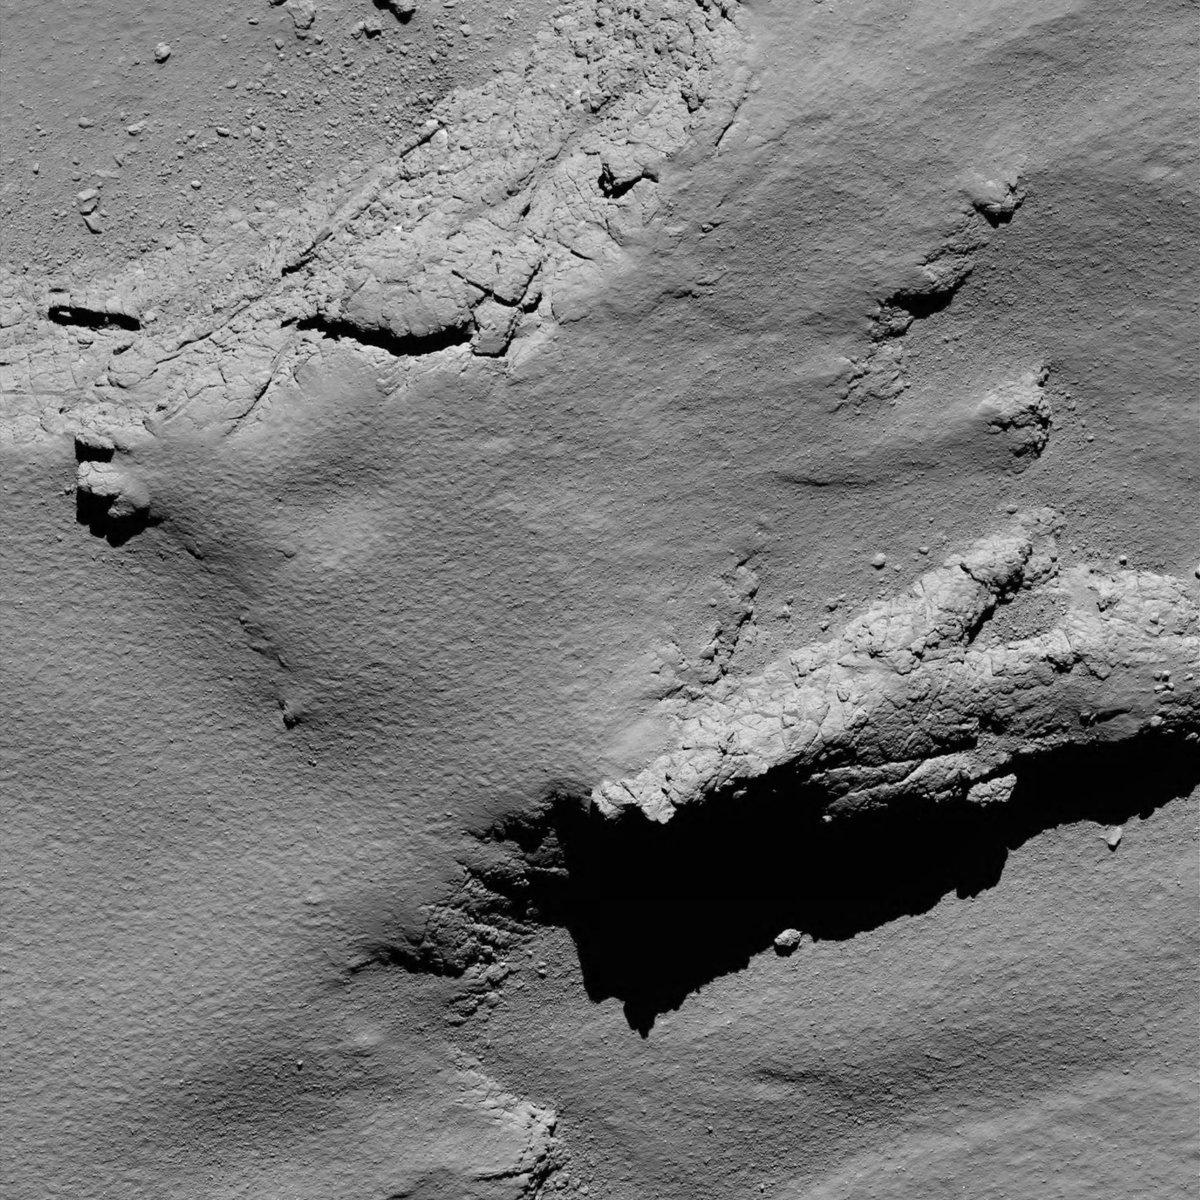 Última fotografía del cometa antes de tocar su superficie.